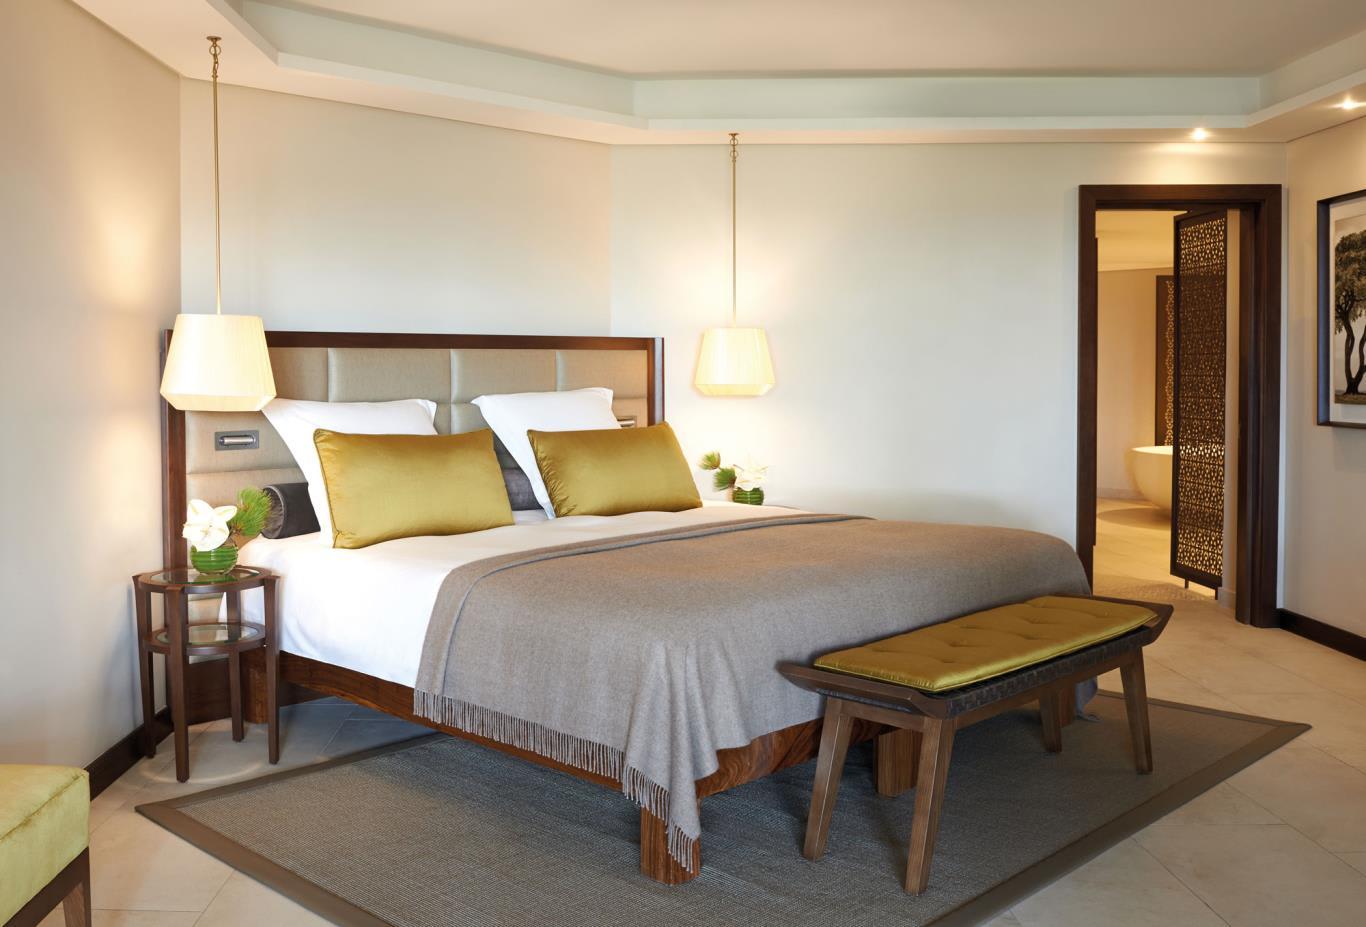 Palm-suite